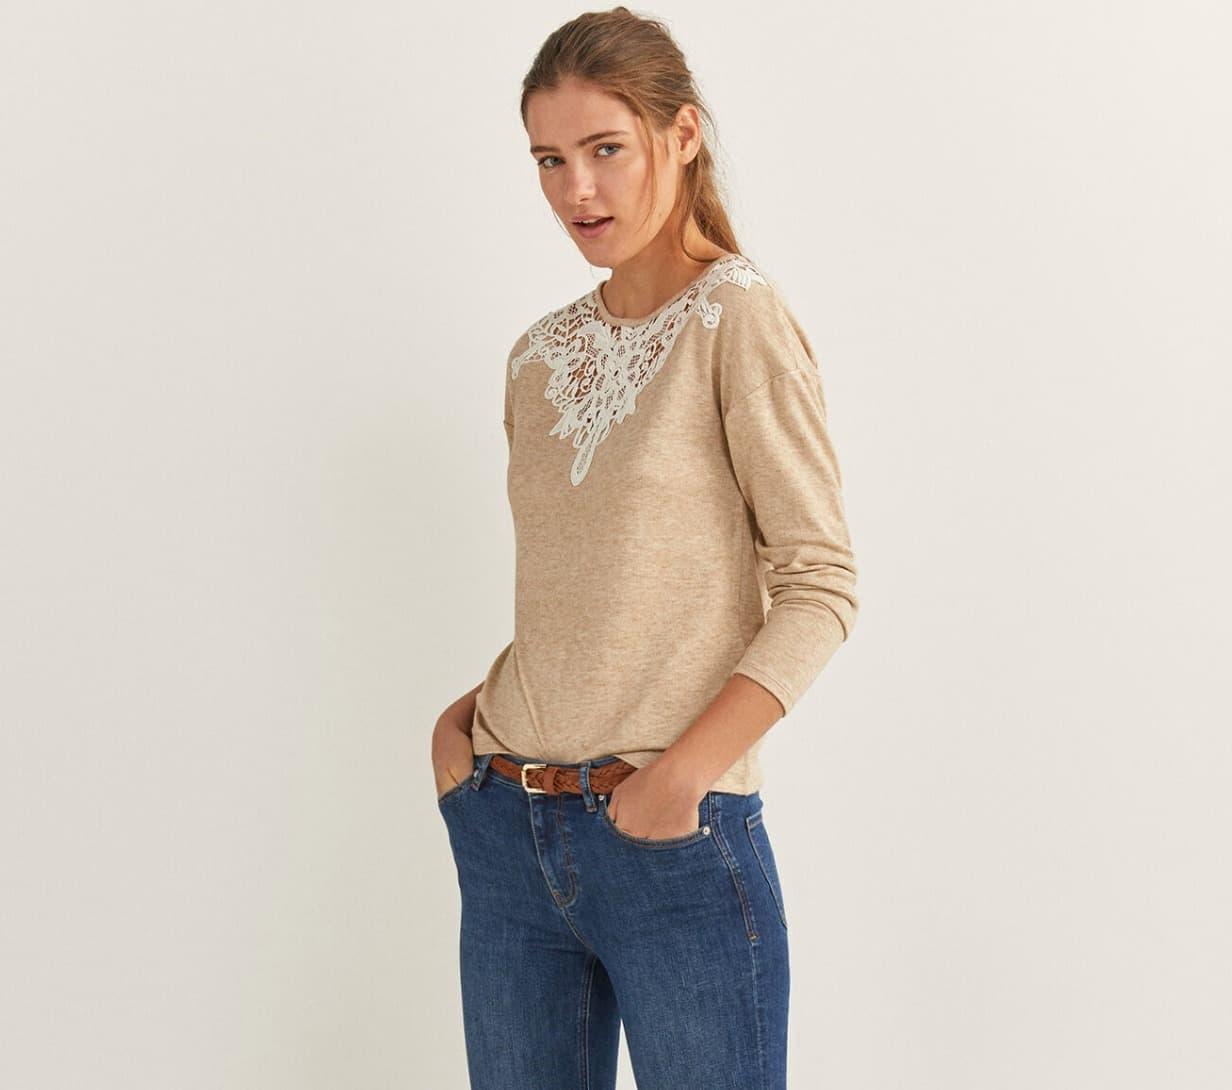 Camiseta de manga larga, con cuello redondo, con detalle de crochet en el cuello.